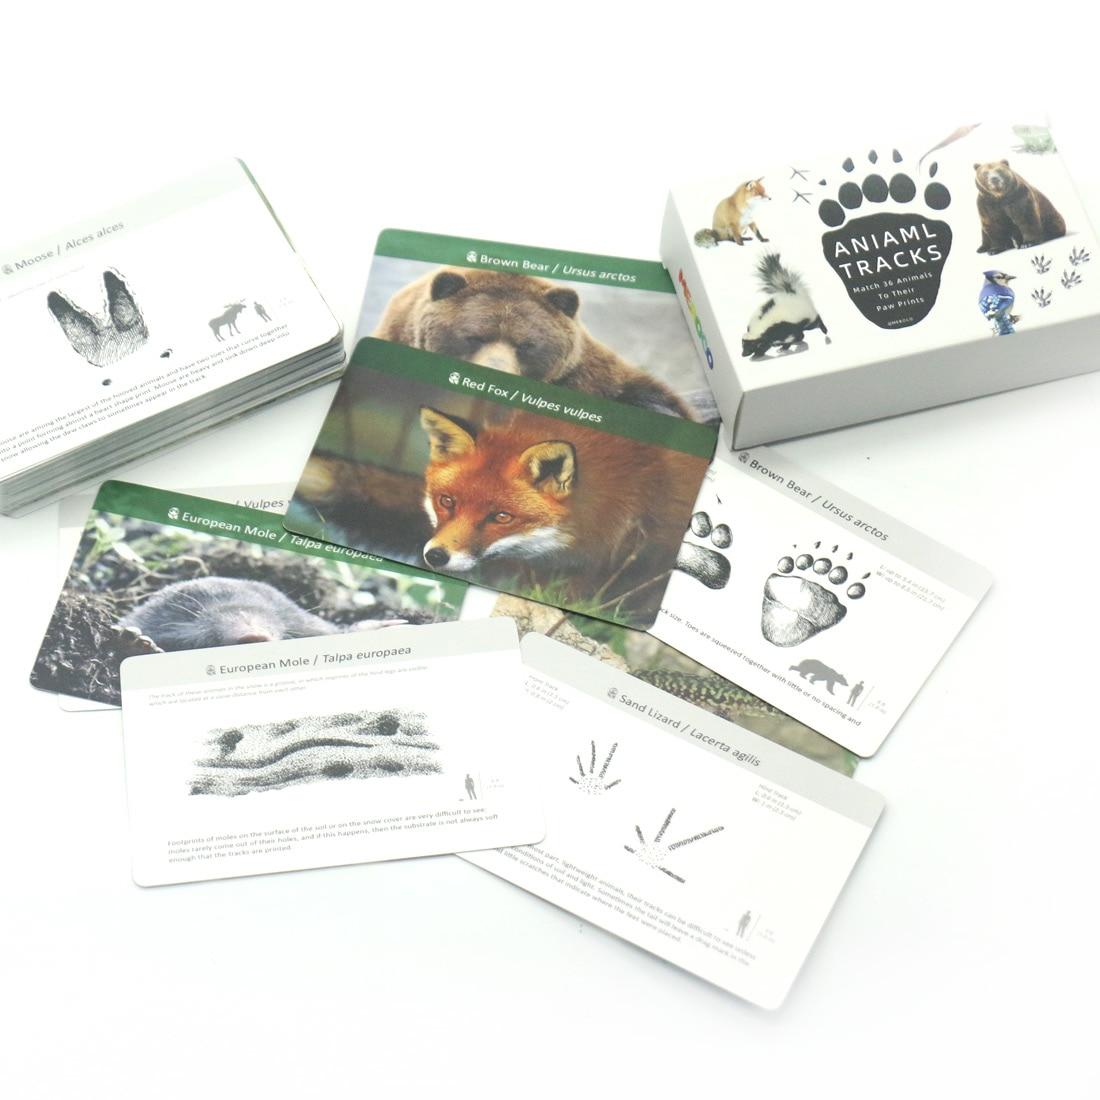 Материалы Монтессори, животные, следы, Обучающие игрушки, обучающие флеш-карты для детей, карты для матча, игрушки Монтессори E2864H